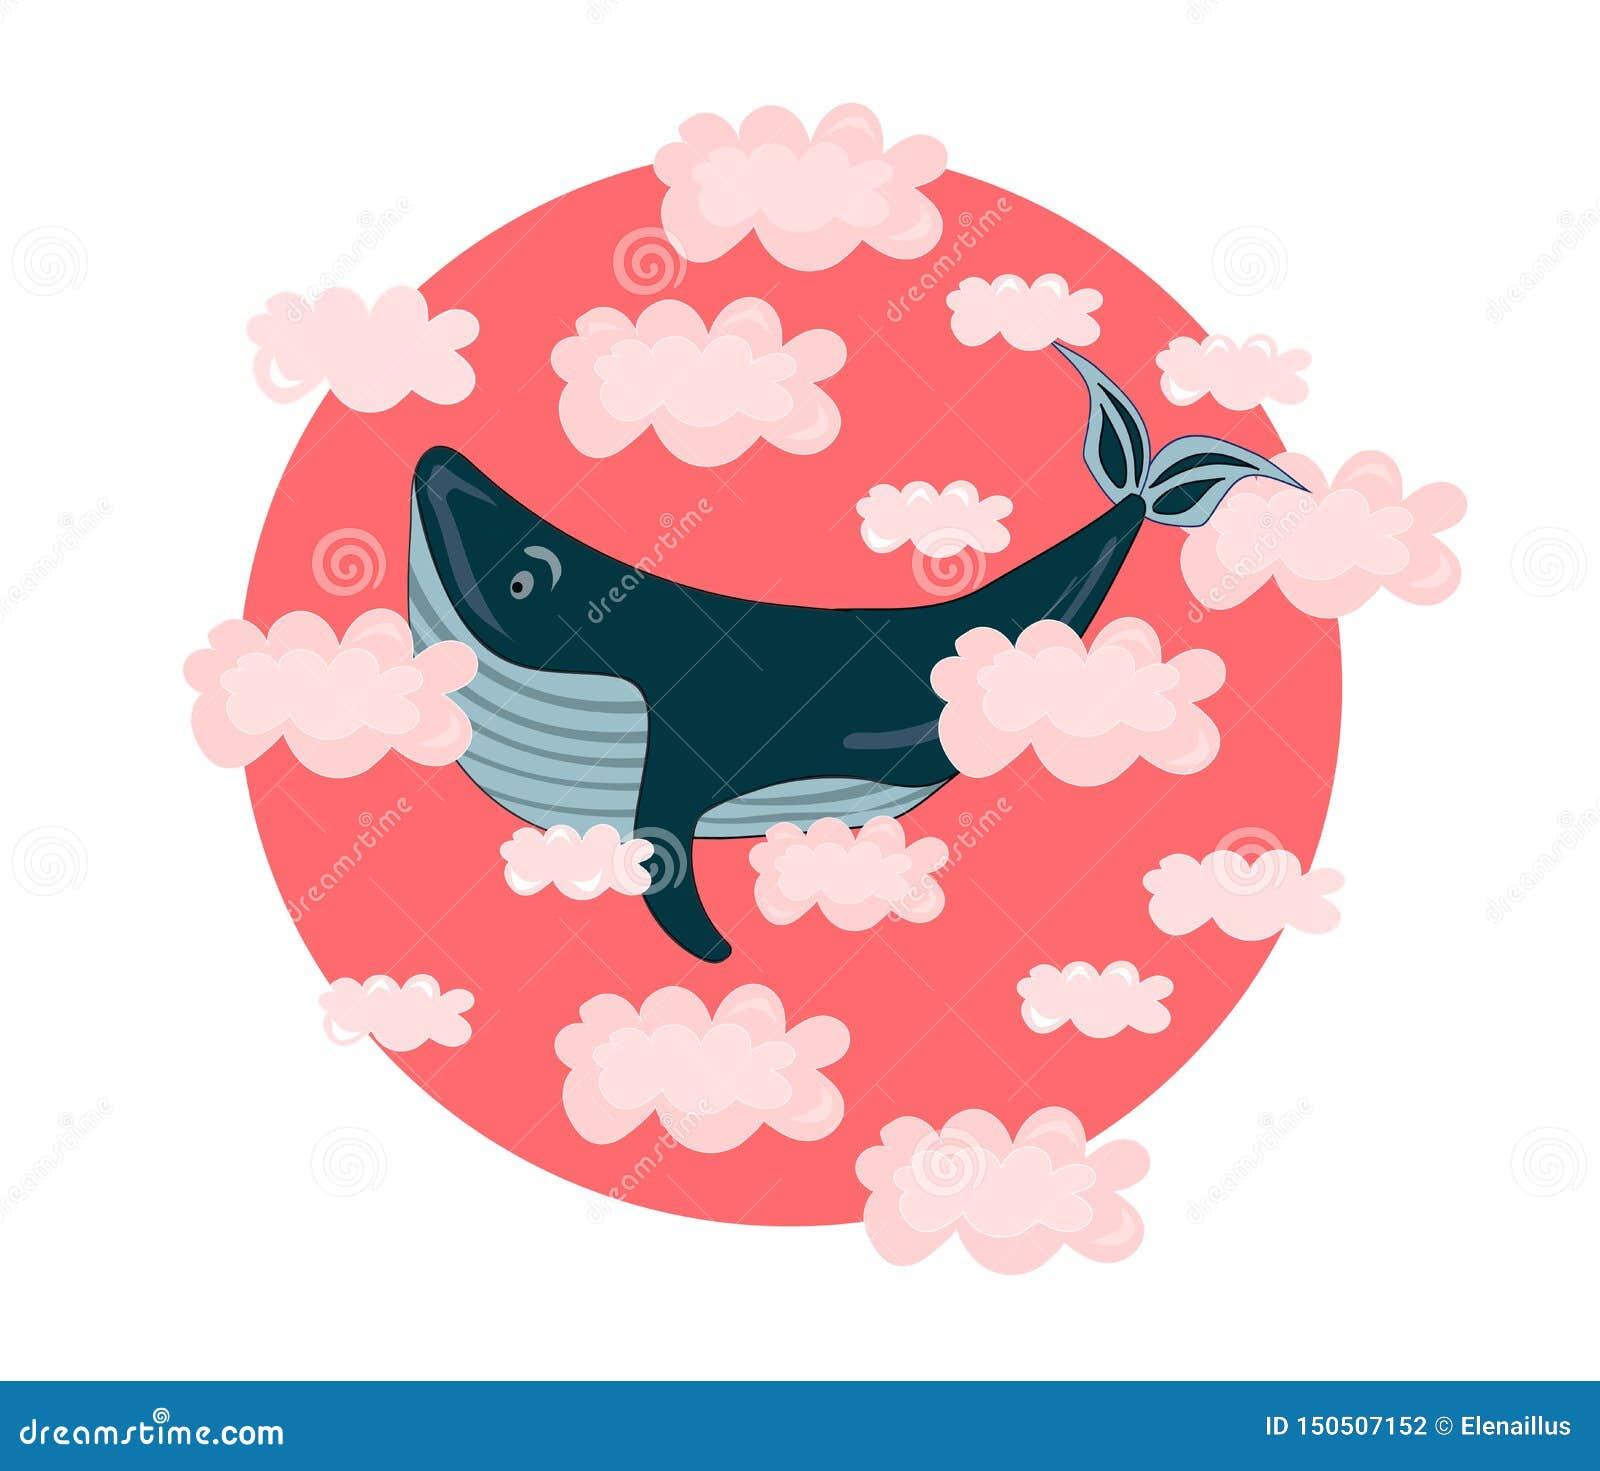 Wektorowa ilustracja z wielorybem w różowych chmurach Dziecko, dzieci, śliczni, kawaii druk